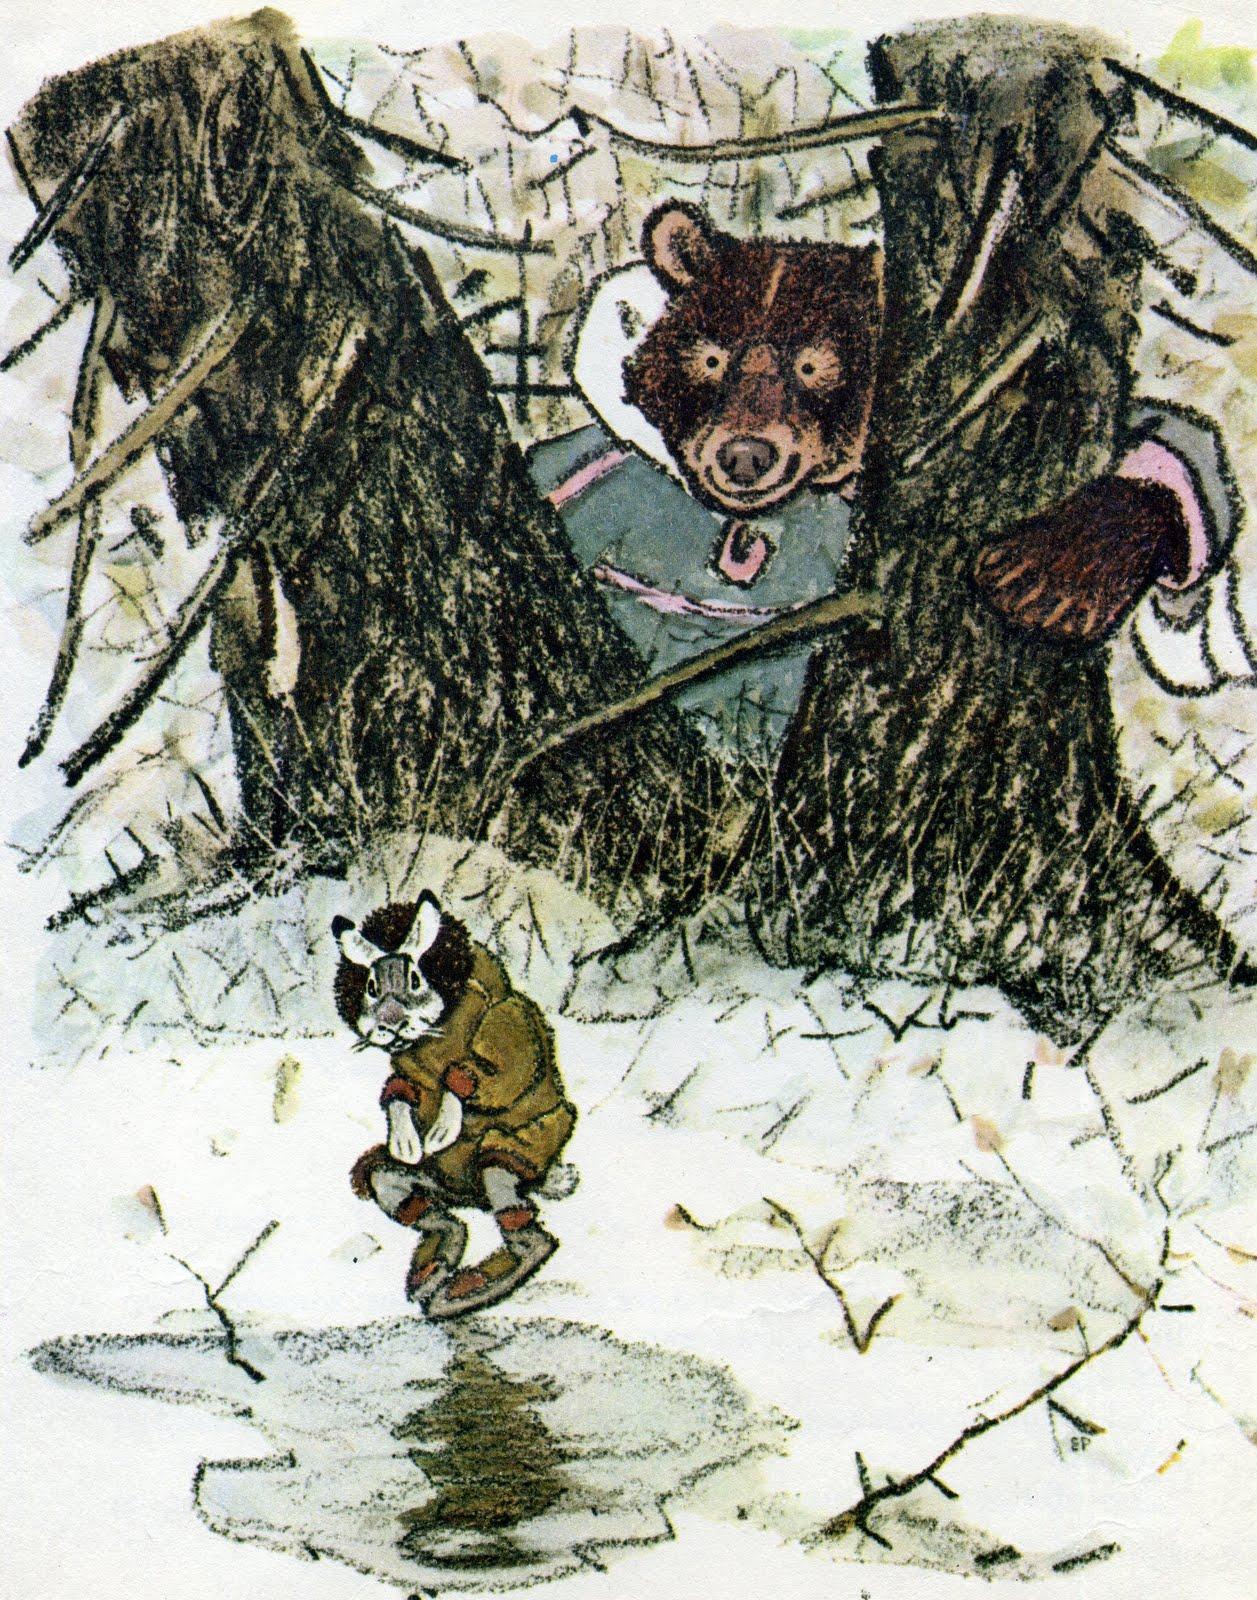 картинки к сказке заяц и медведь выбор отправляем